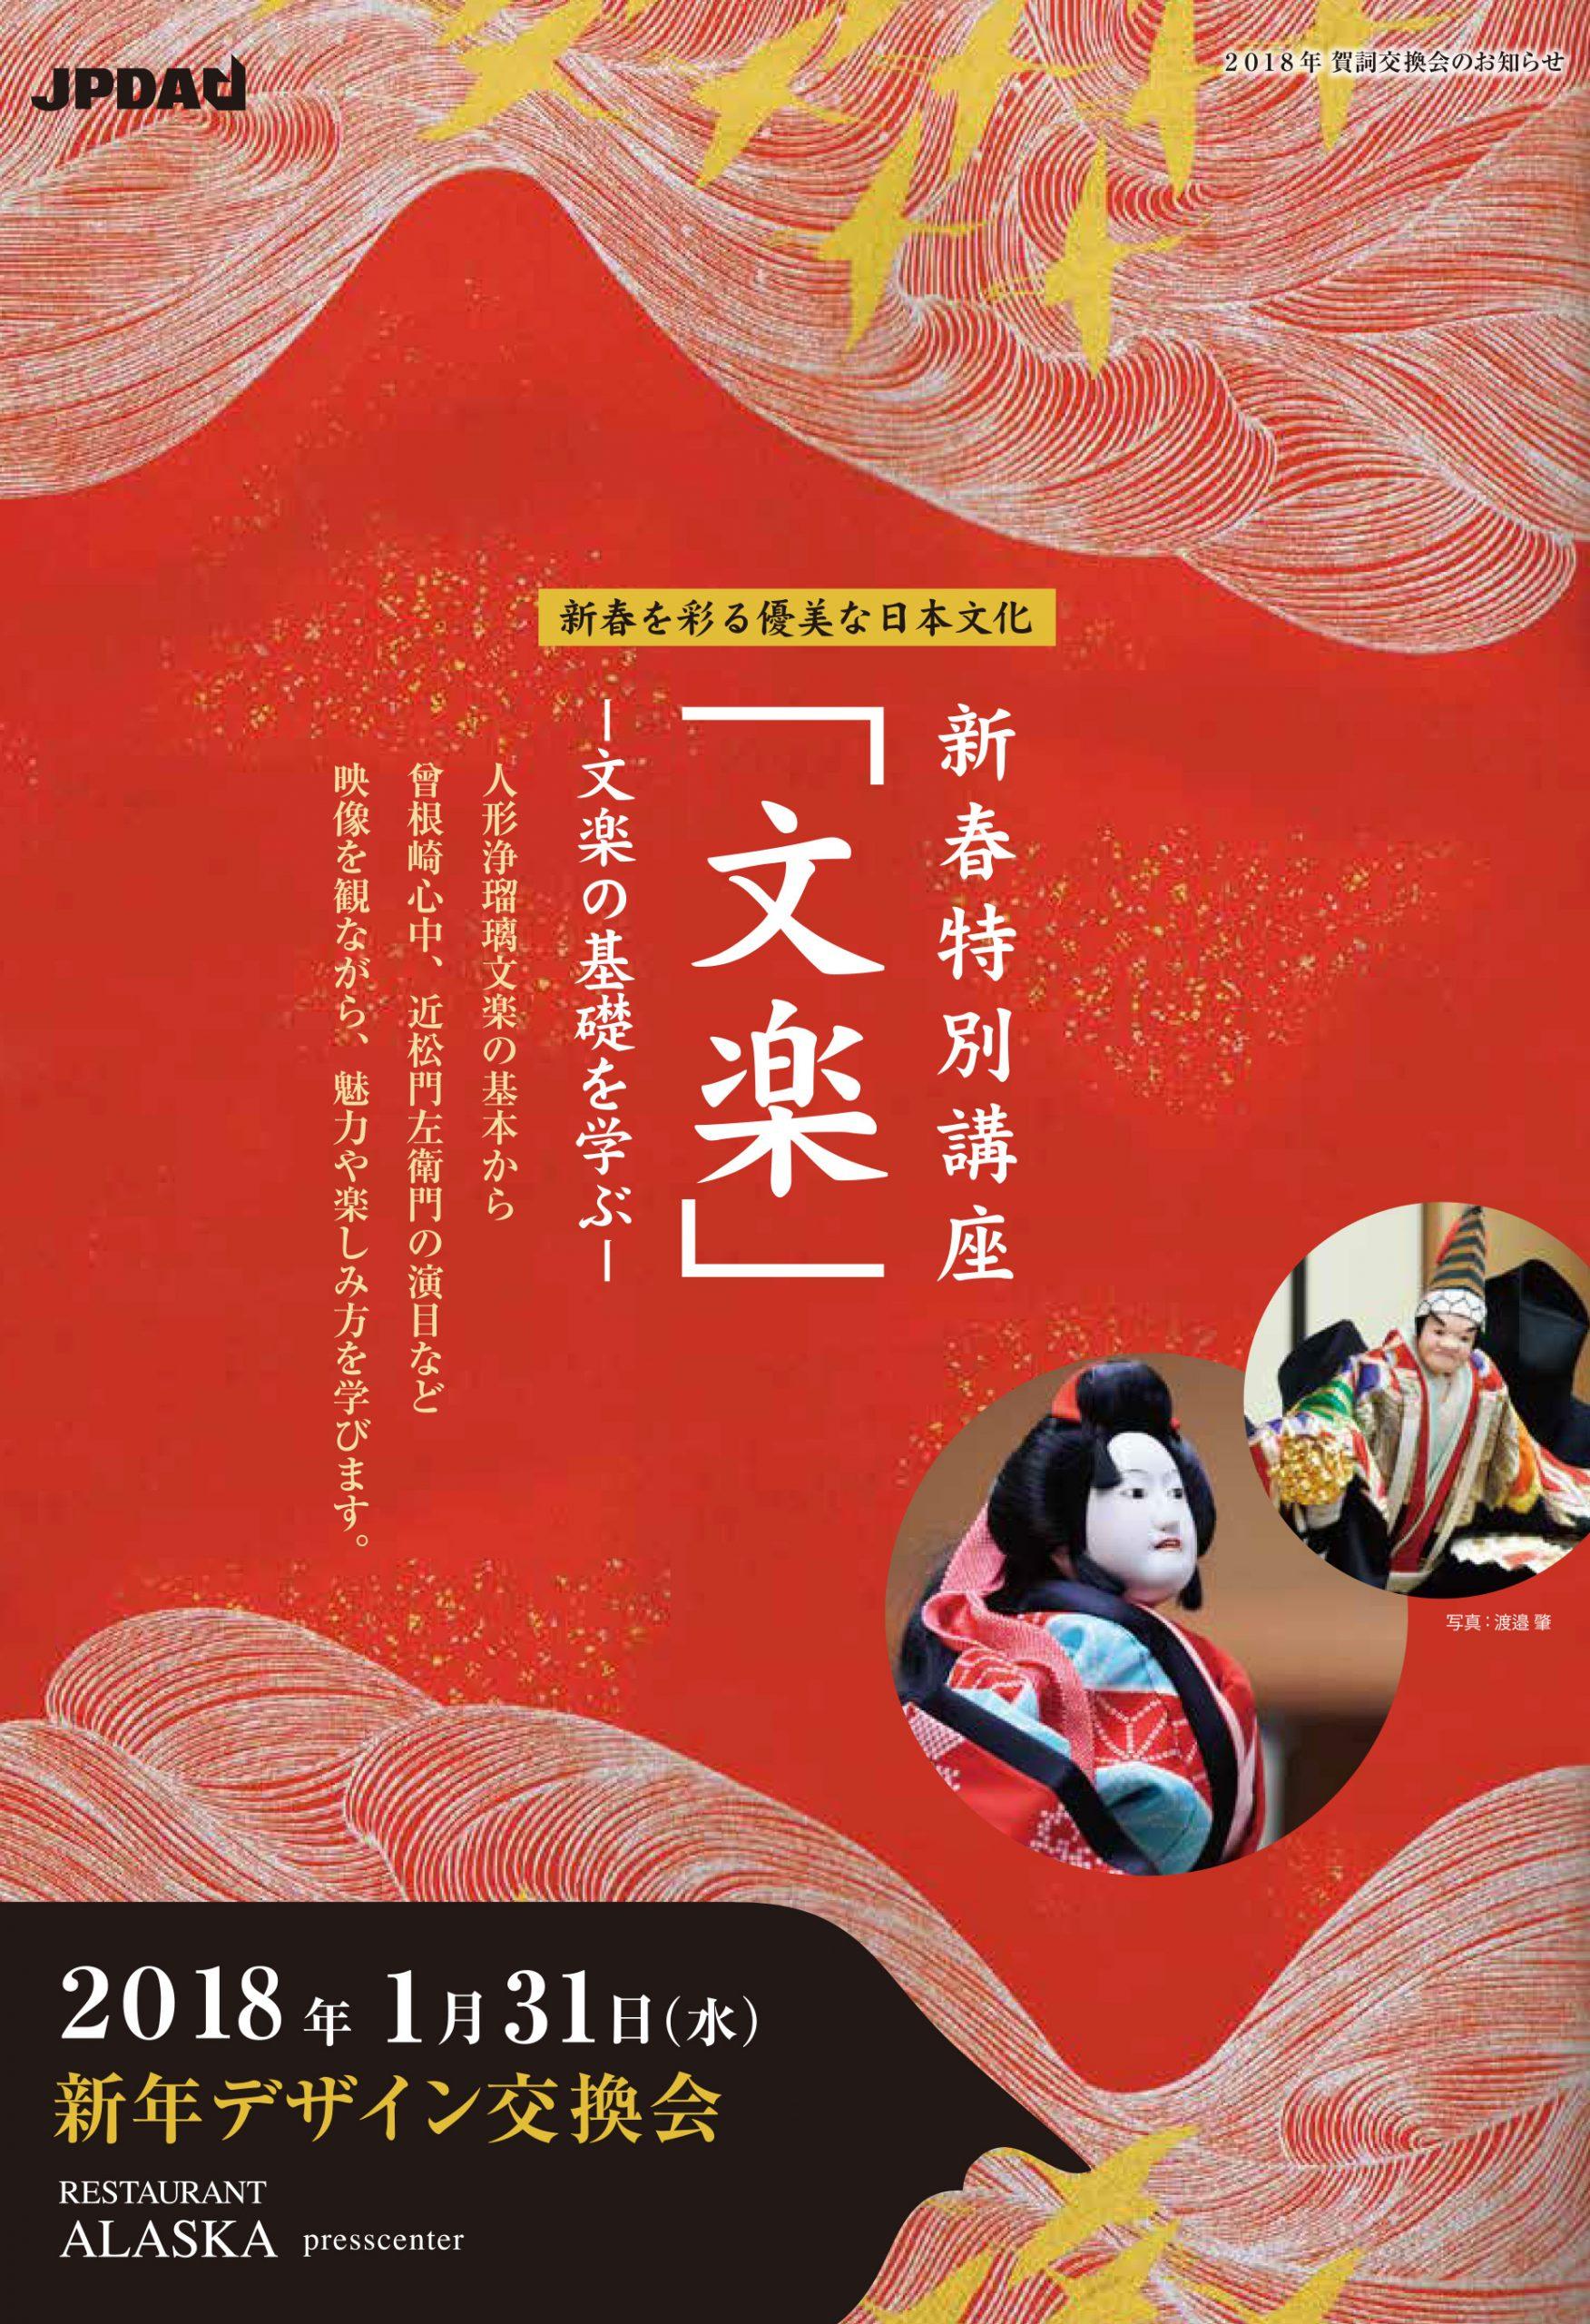 2018 新春特別講座「文楽の基礎を学ぶ」/新年デザイン交換会のイメージ